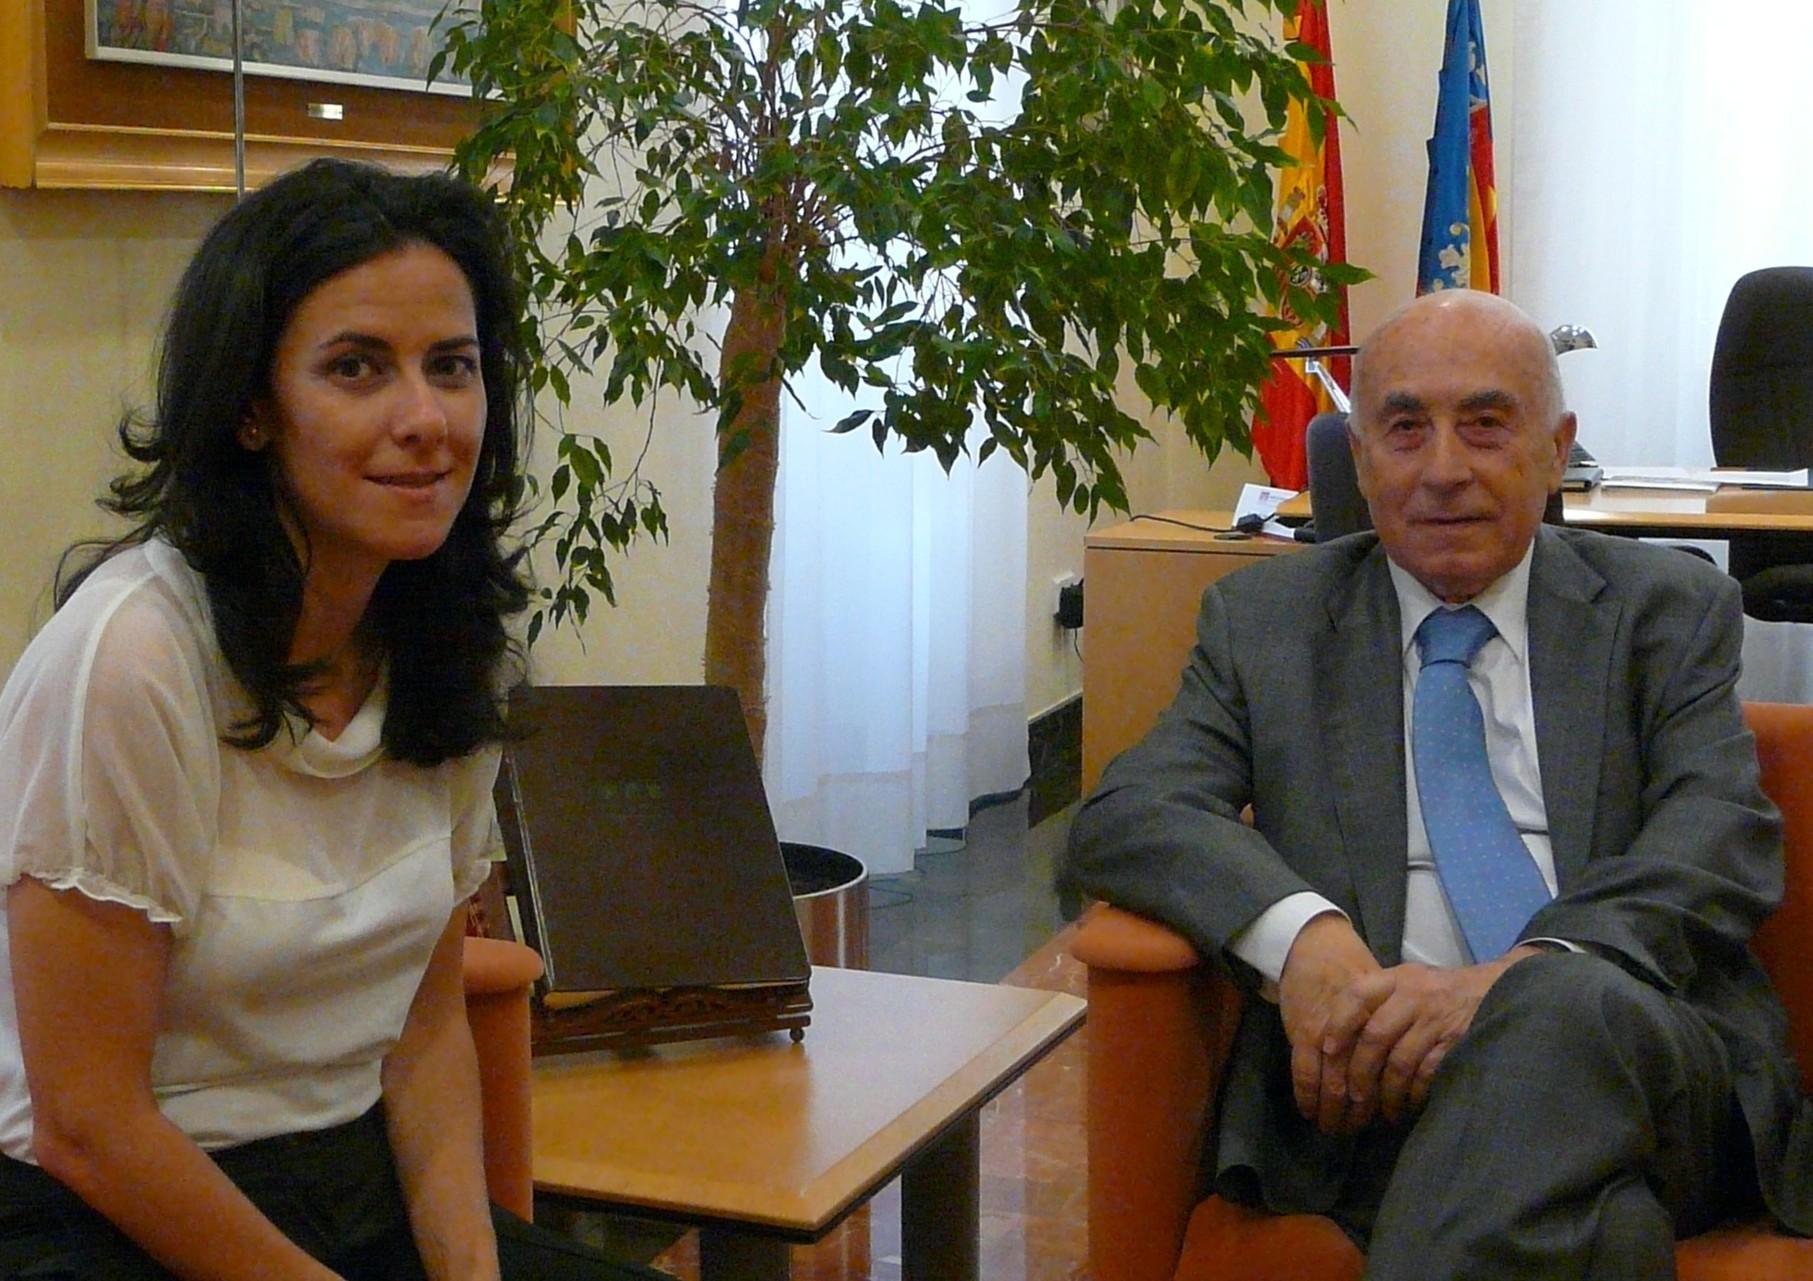 Reunión del síndic con la concejala de Intermediación del Ayuntamiento de Alicante